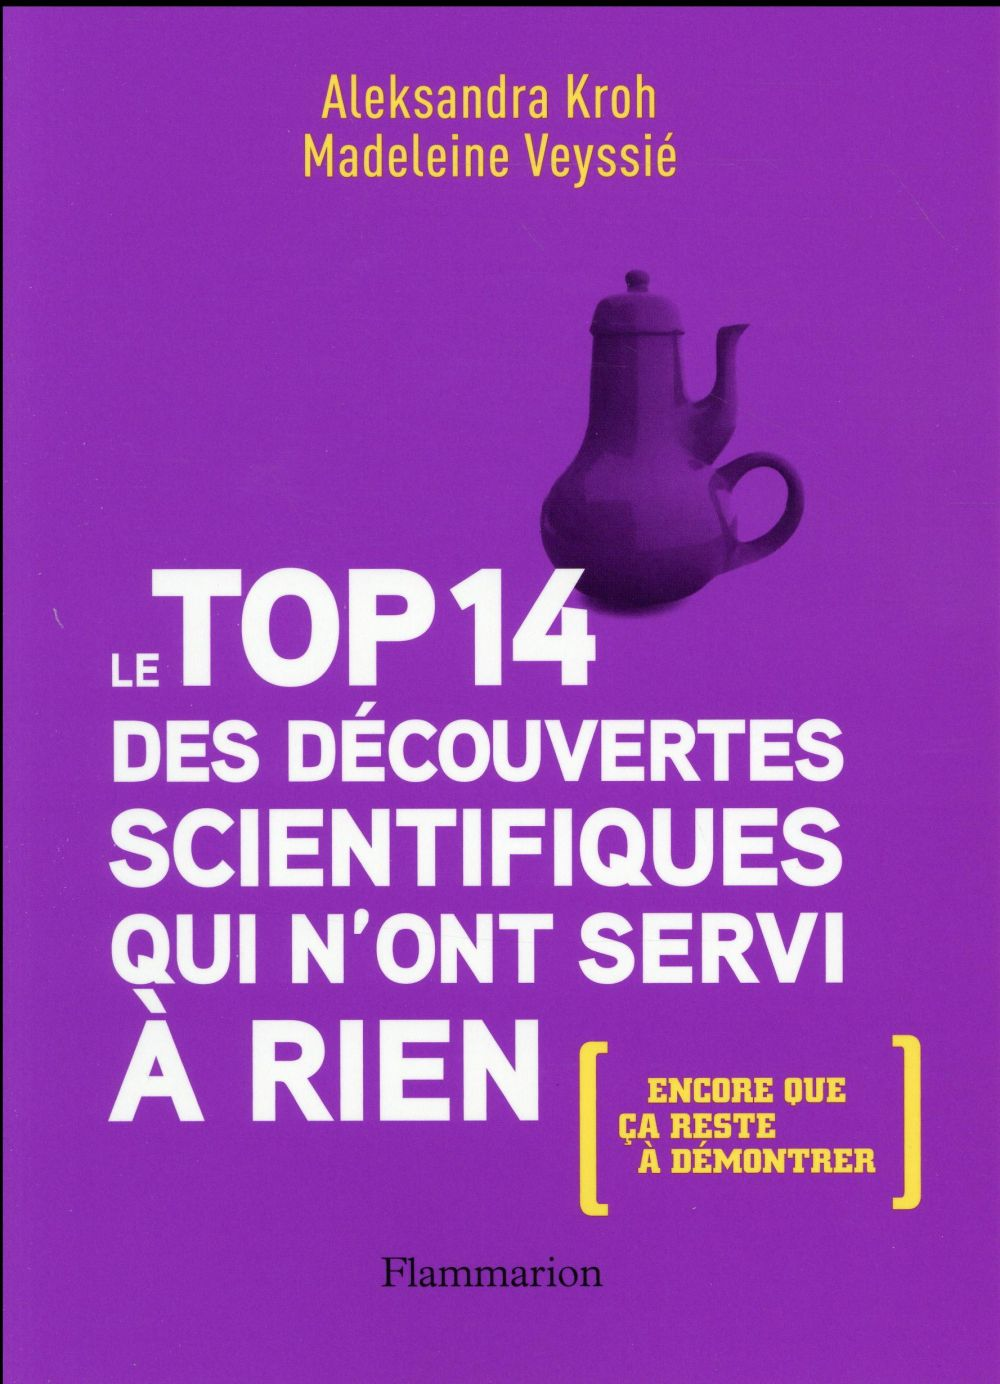 Le top 14 des découvertes scientifiques qui n'ont servi à rien (encore que ça reste à démontrer)